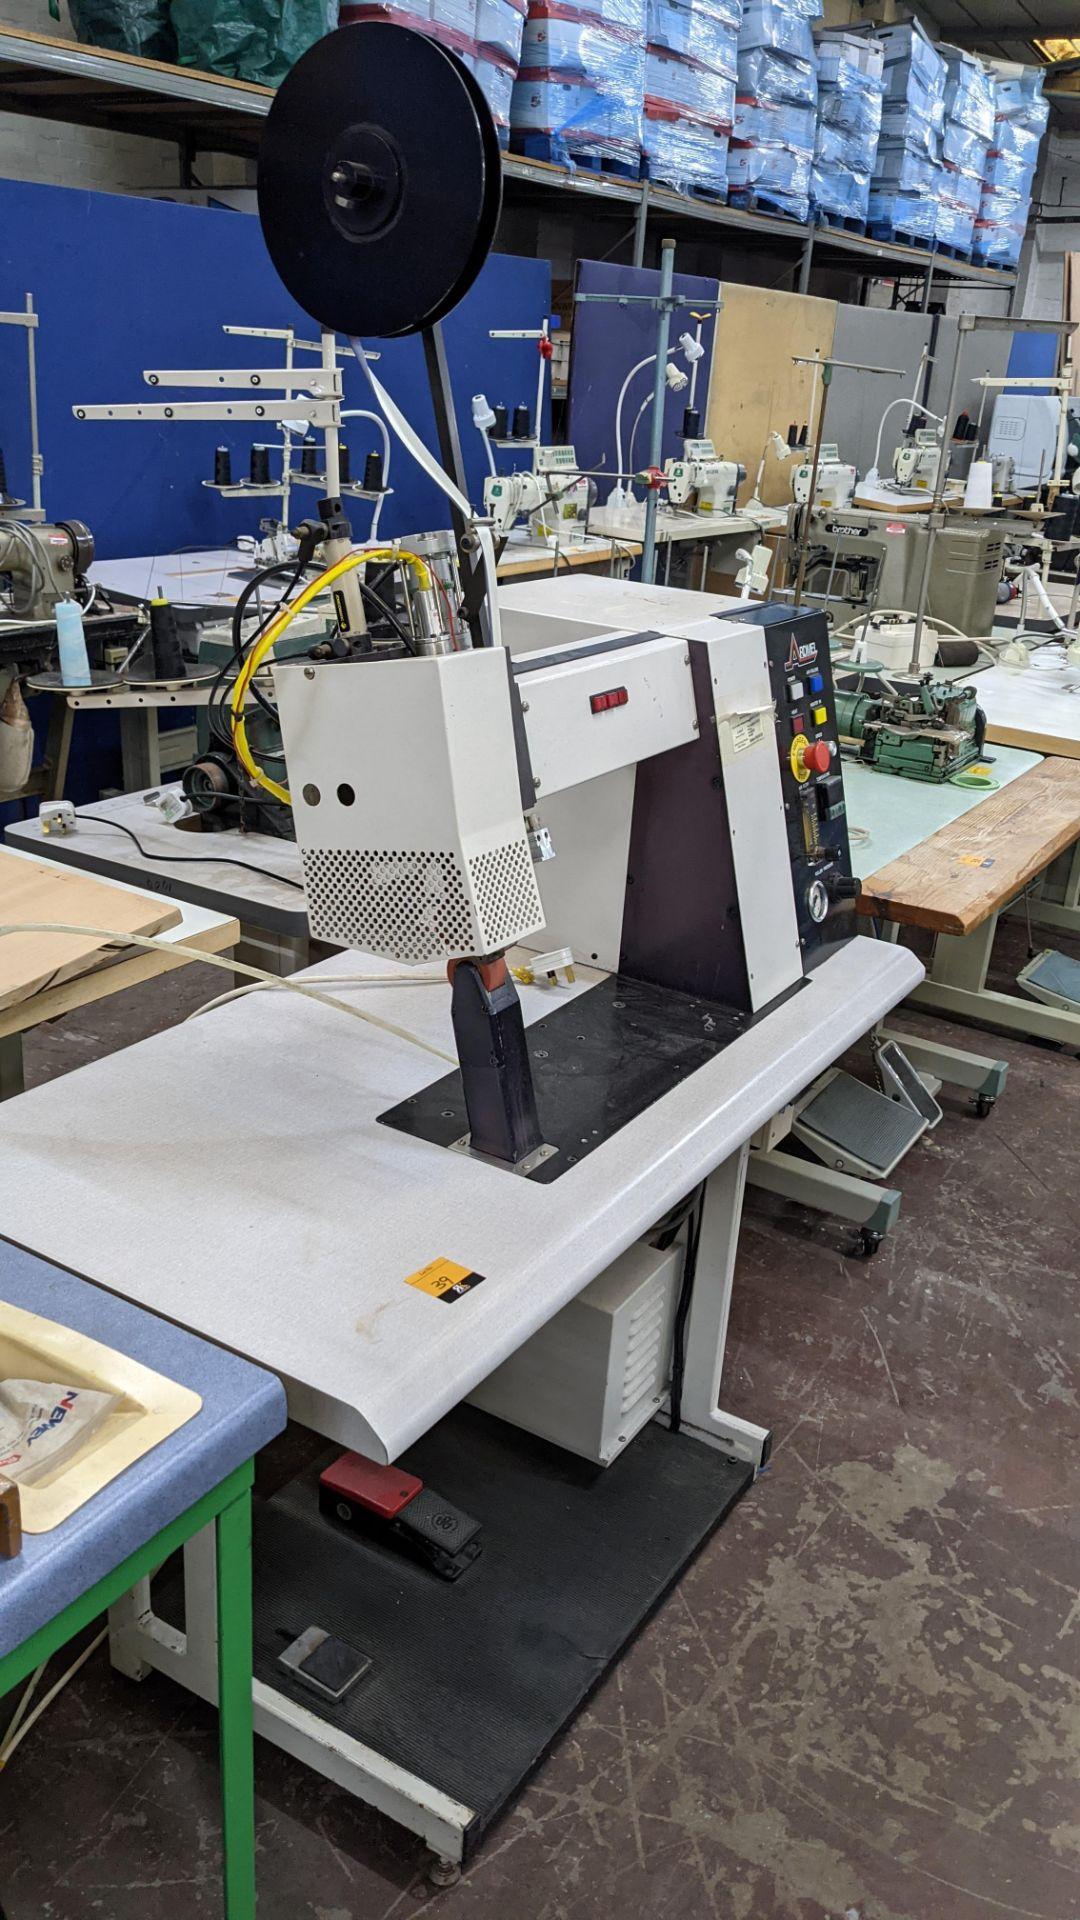 Ardmel seam sealing machine - Image 18 of 18